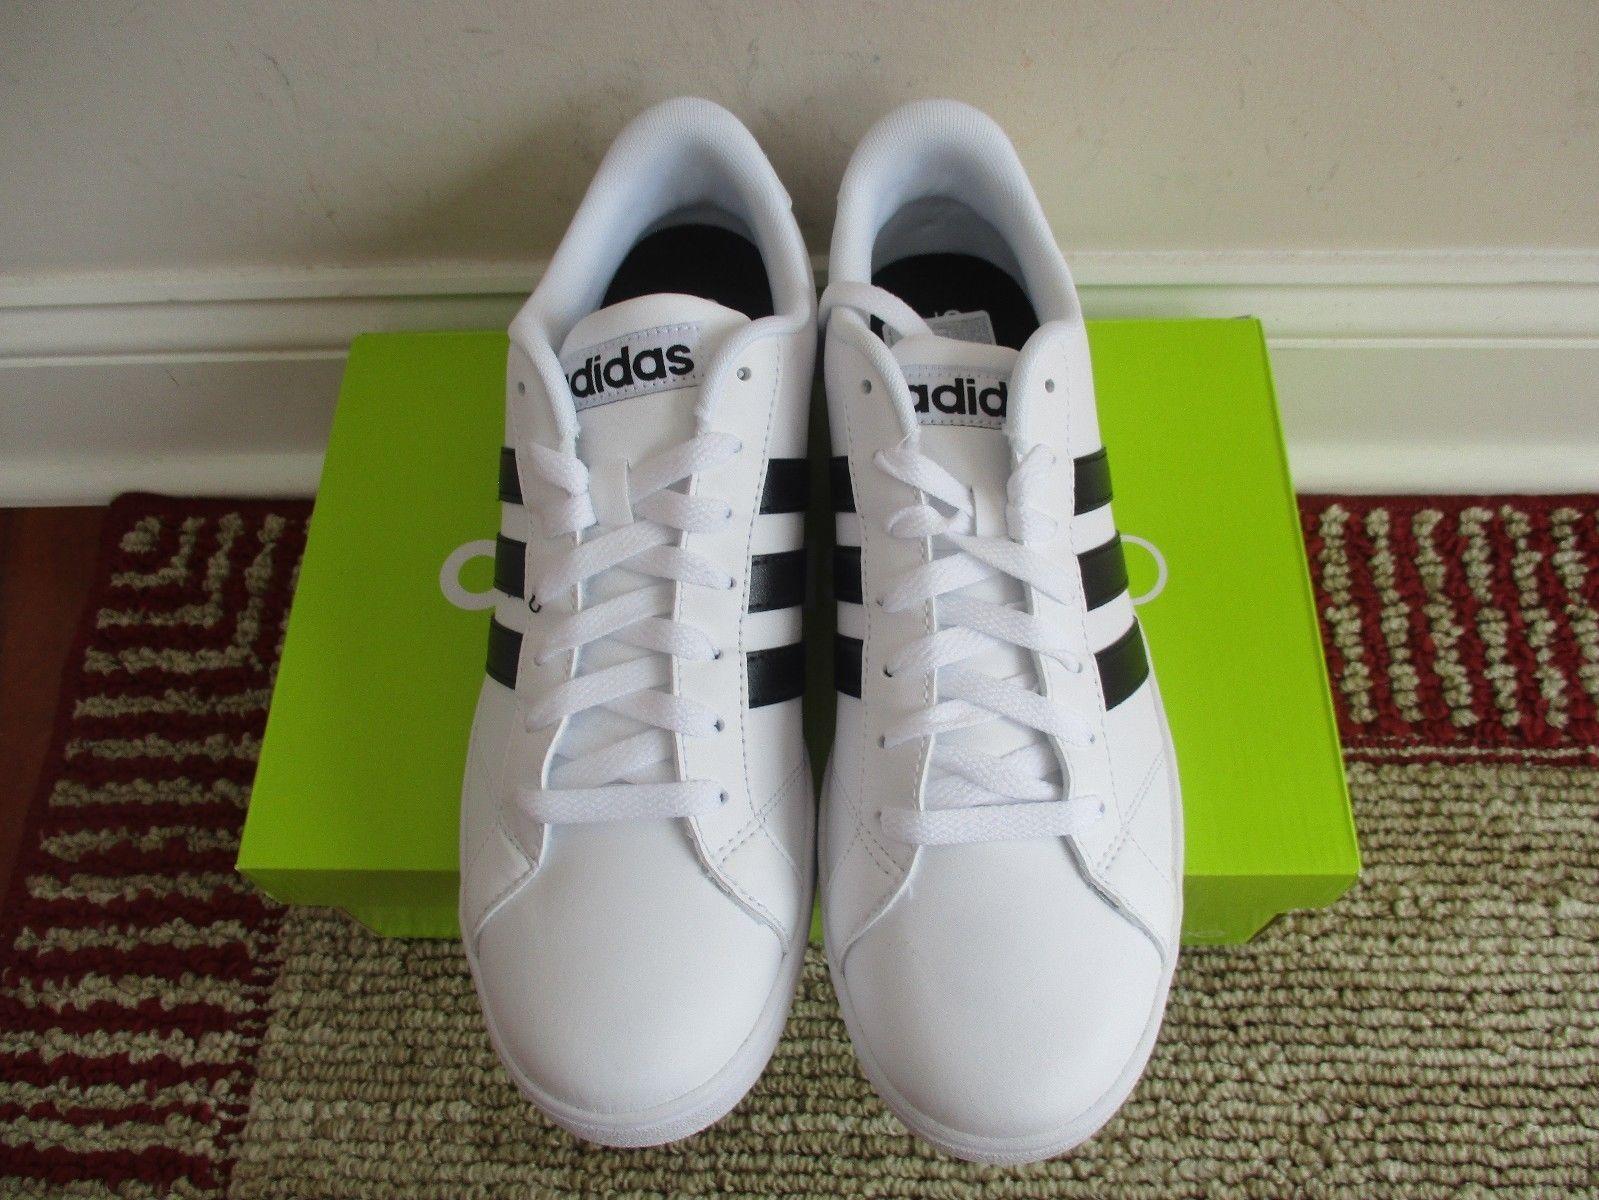 online store 50030 8093d BNIB Adidas NEO Baseline Men s Shoes, AW5410, White w  black stripe, size